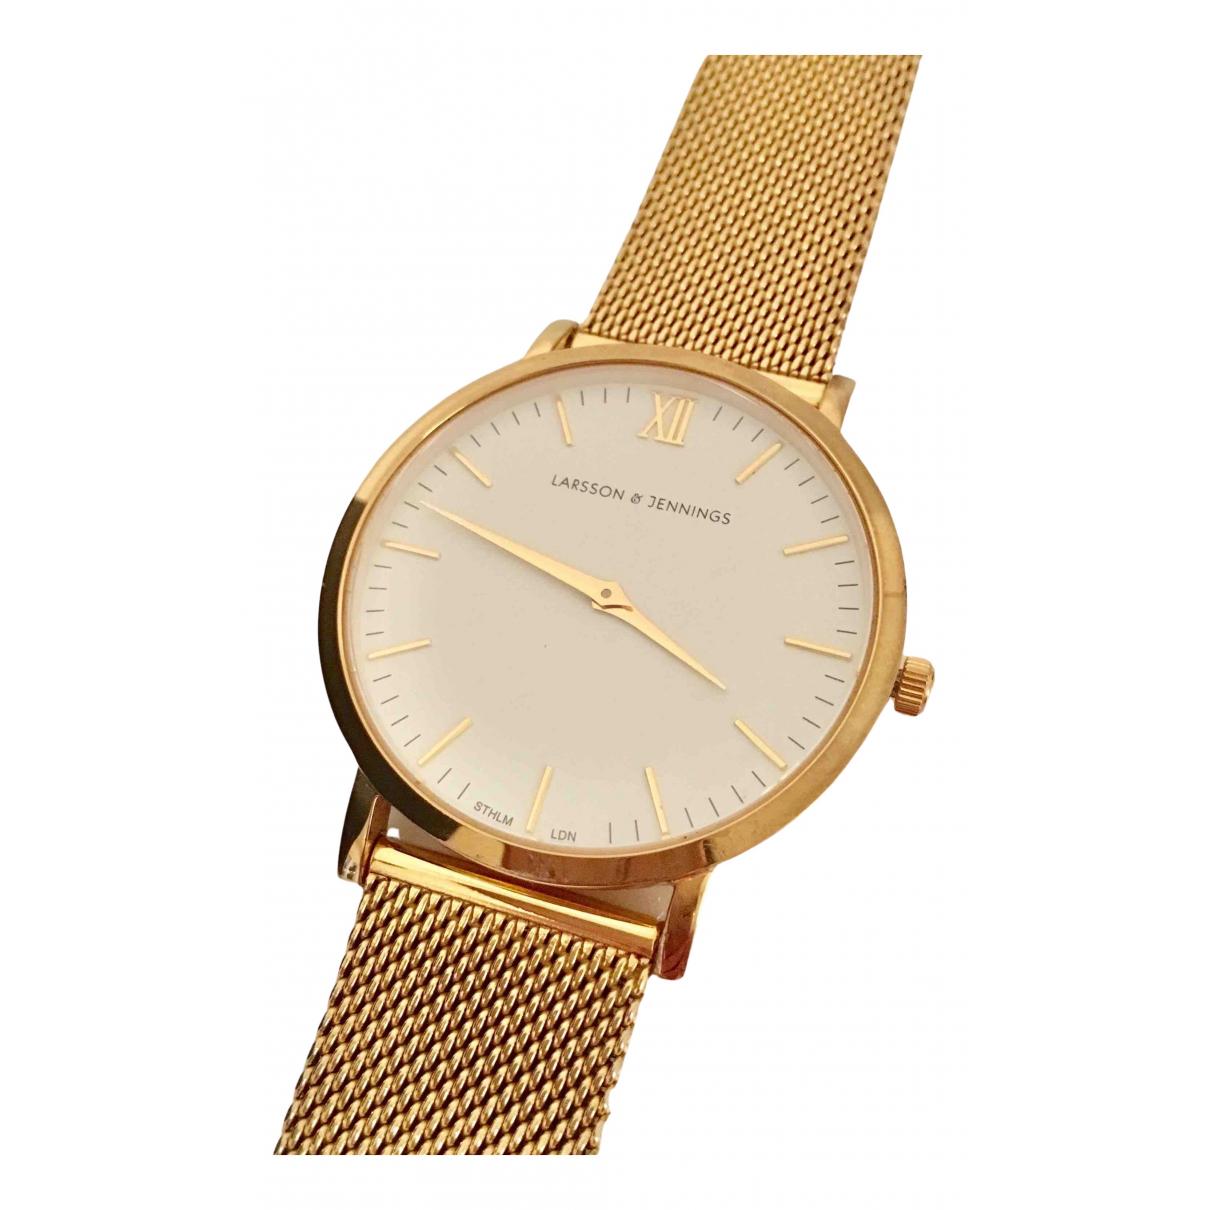 Larsson & Jennings \N Uhr in  Gold Vergoldet